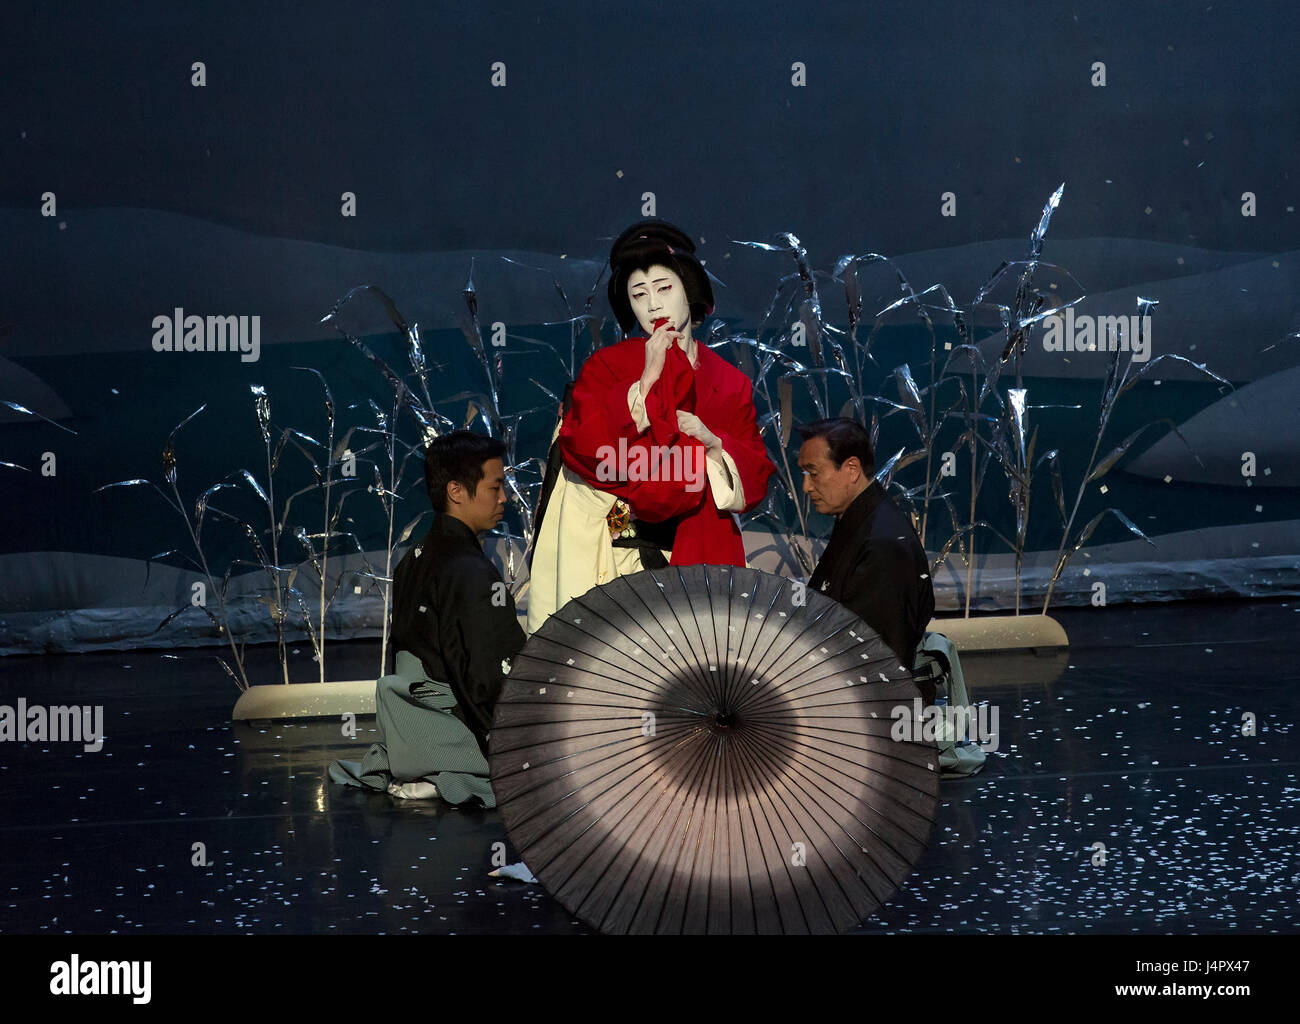 kabuki dance performance on stage stockfotos und bilder